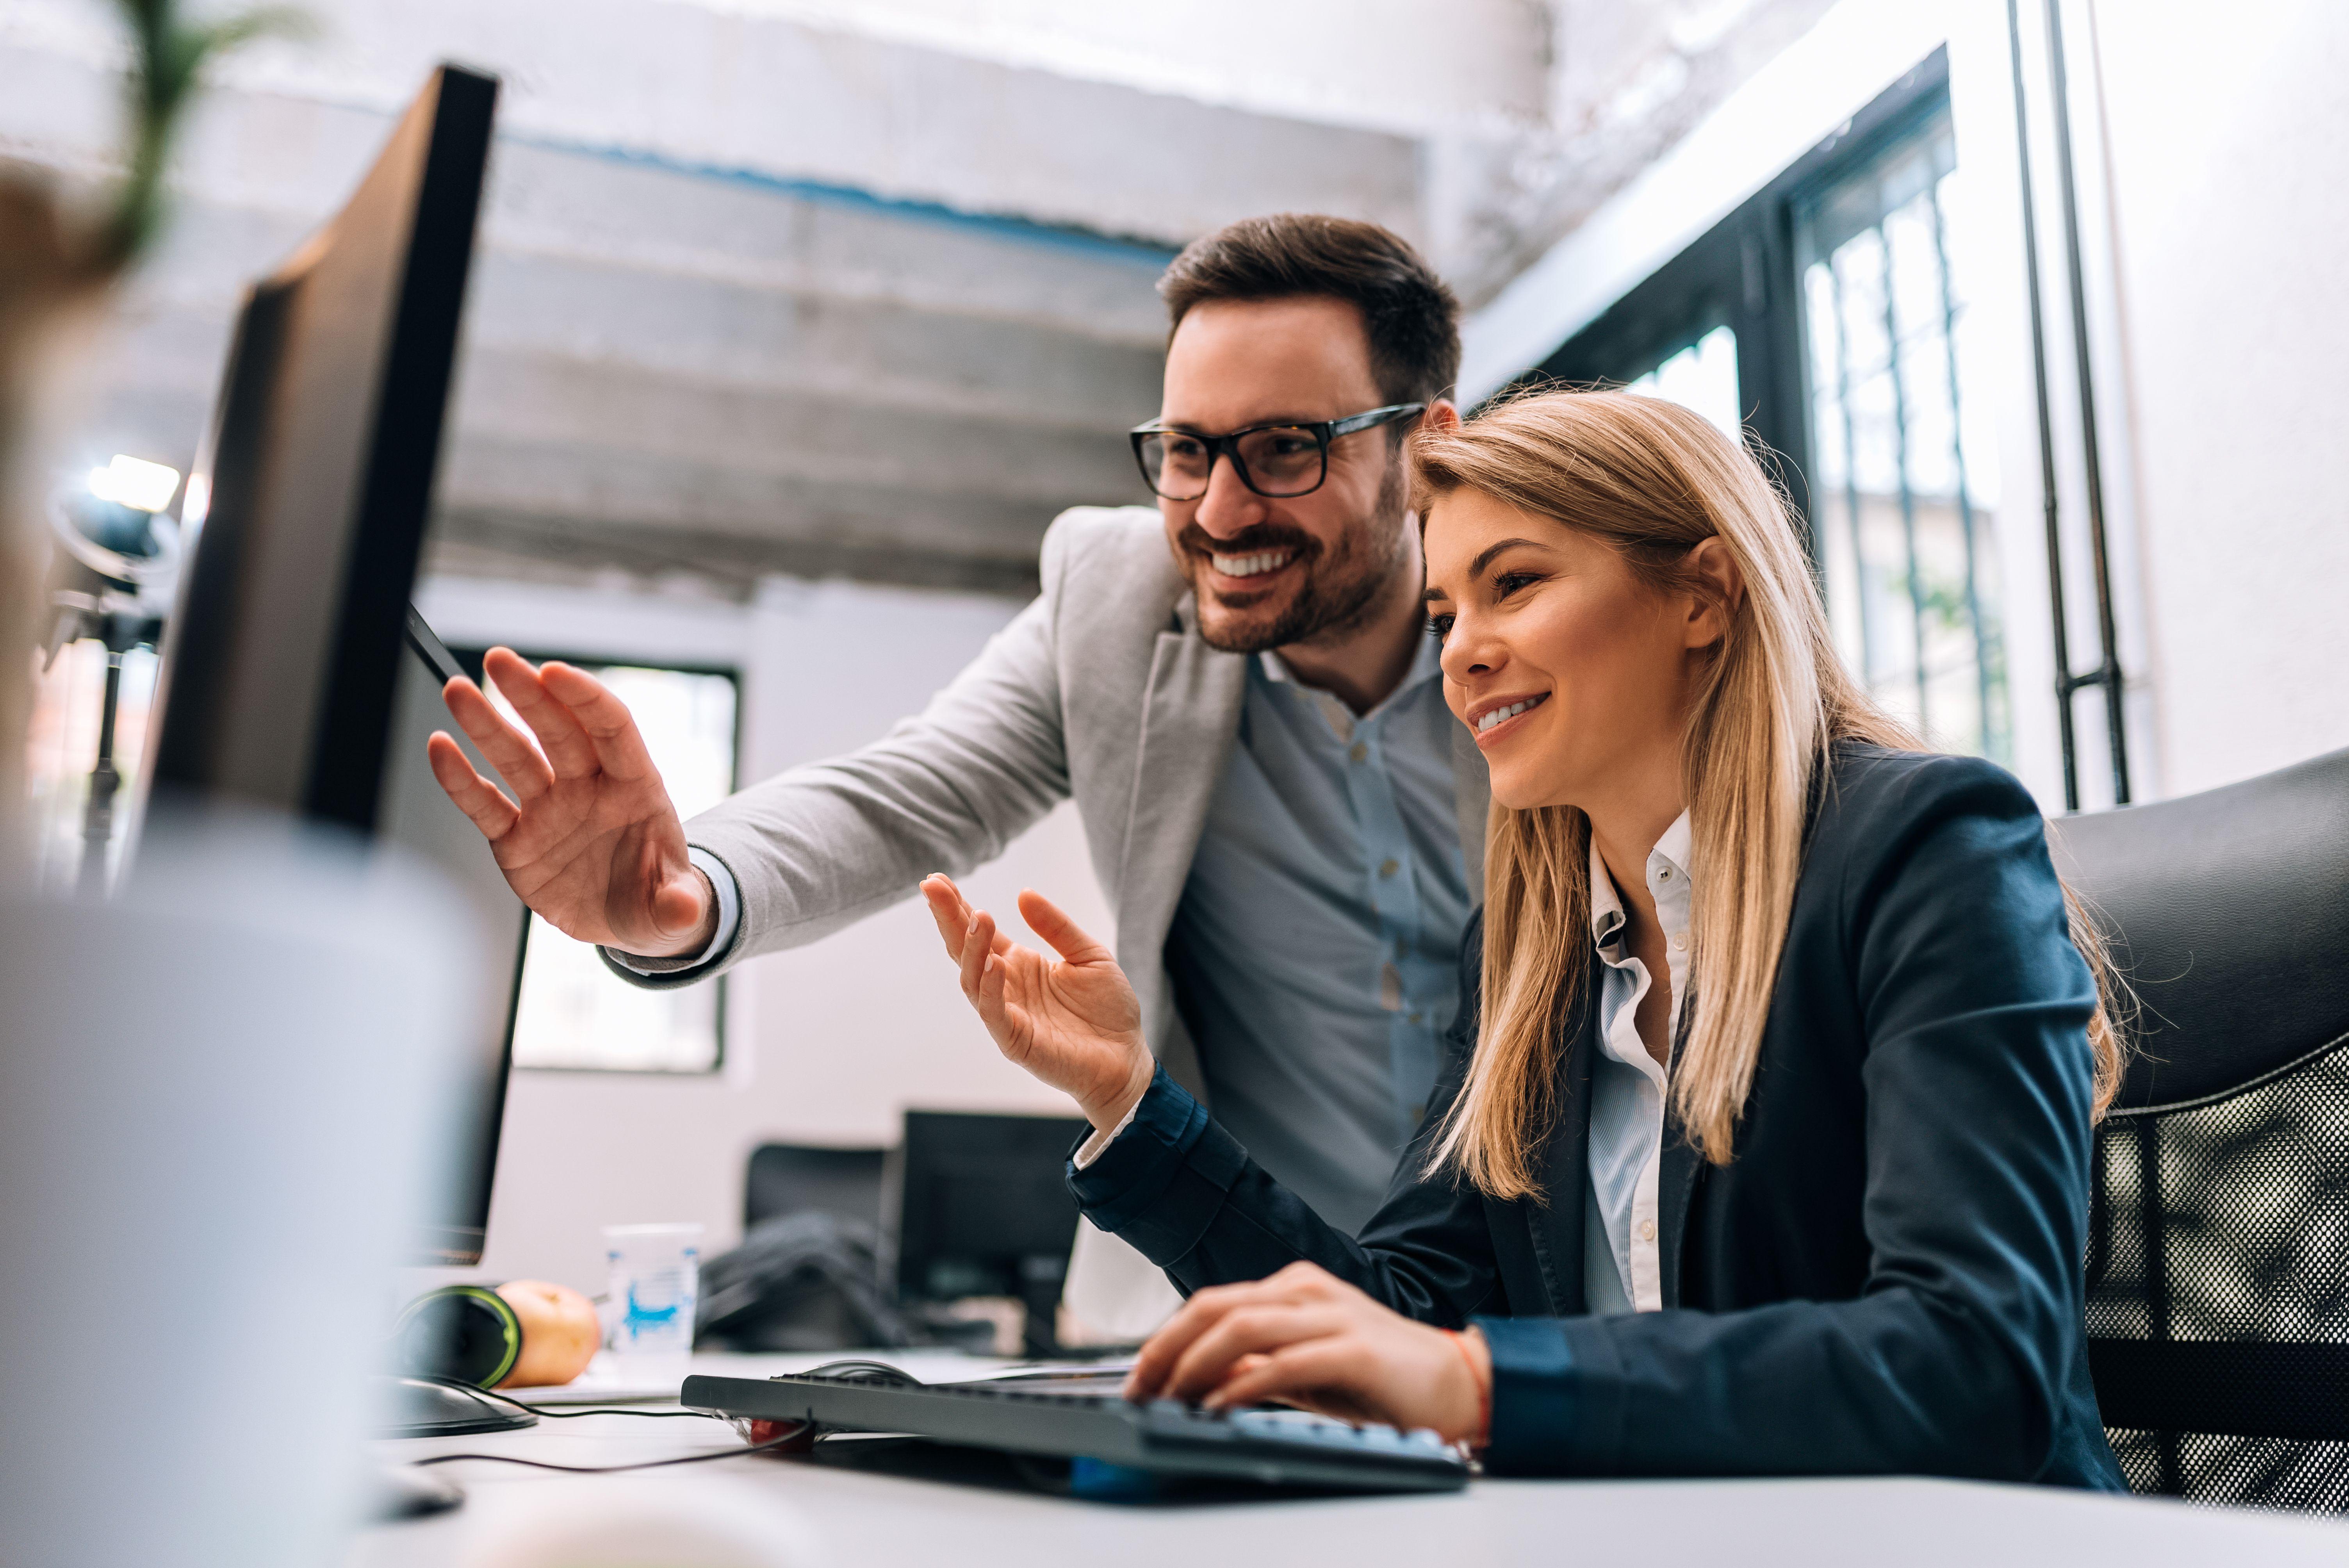 Według wyników badania aż 82 proc. respondentów, przeglądając ogłoszenia o pracę, zwraca uwagę na lokalizację biura, a ponad 66 proc. jest gotowych na zmianę pracy ze względu na warunki biurowe (fot. Shutterstock)